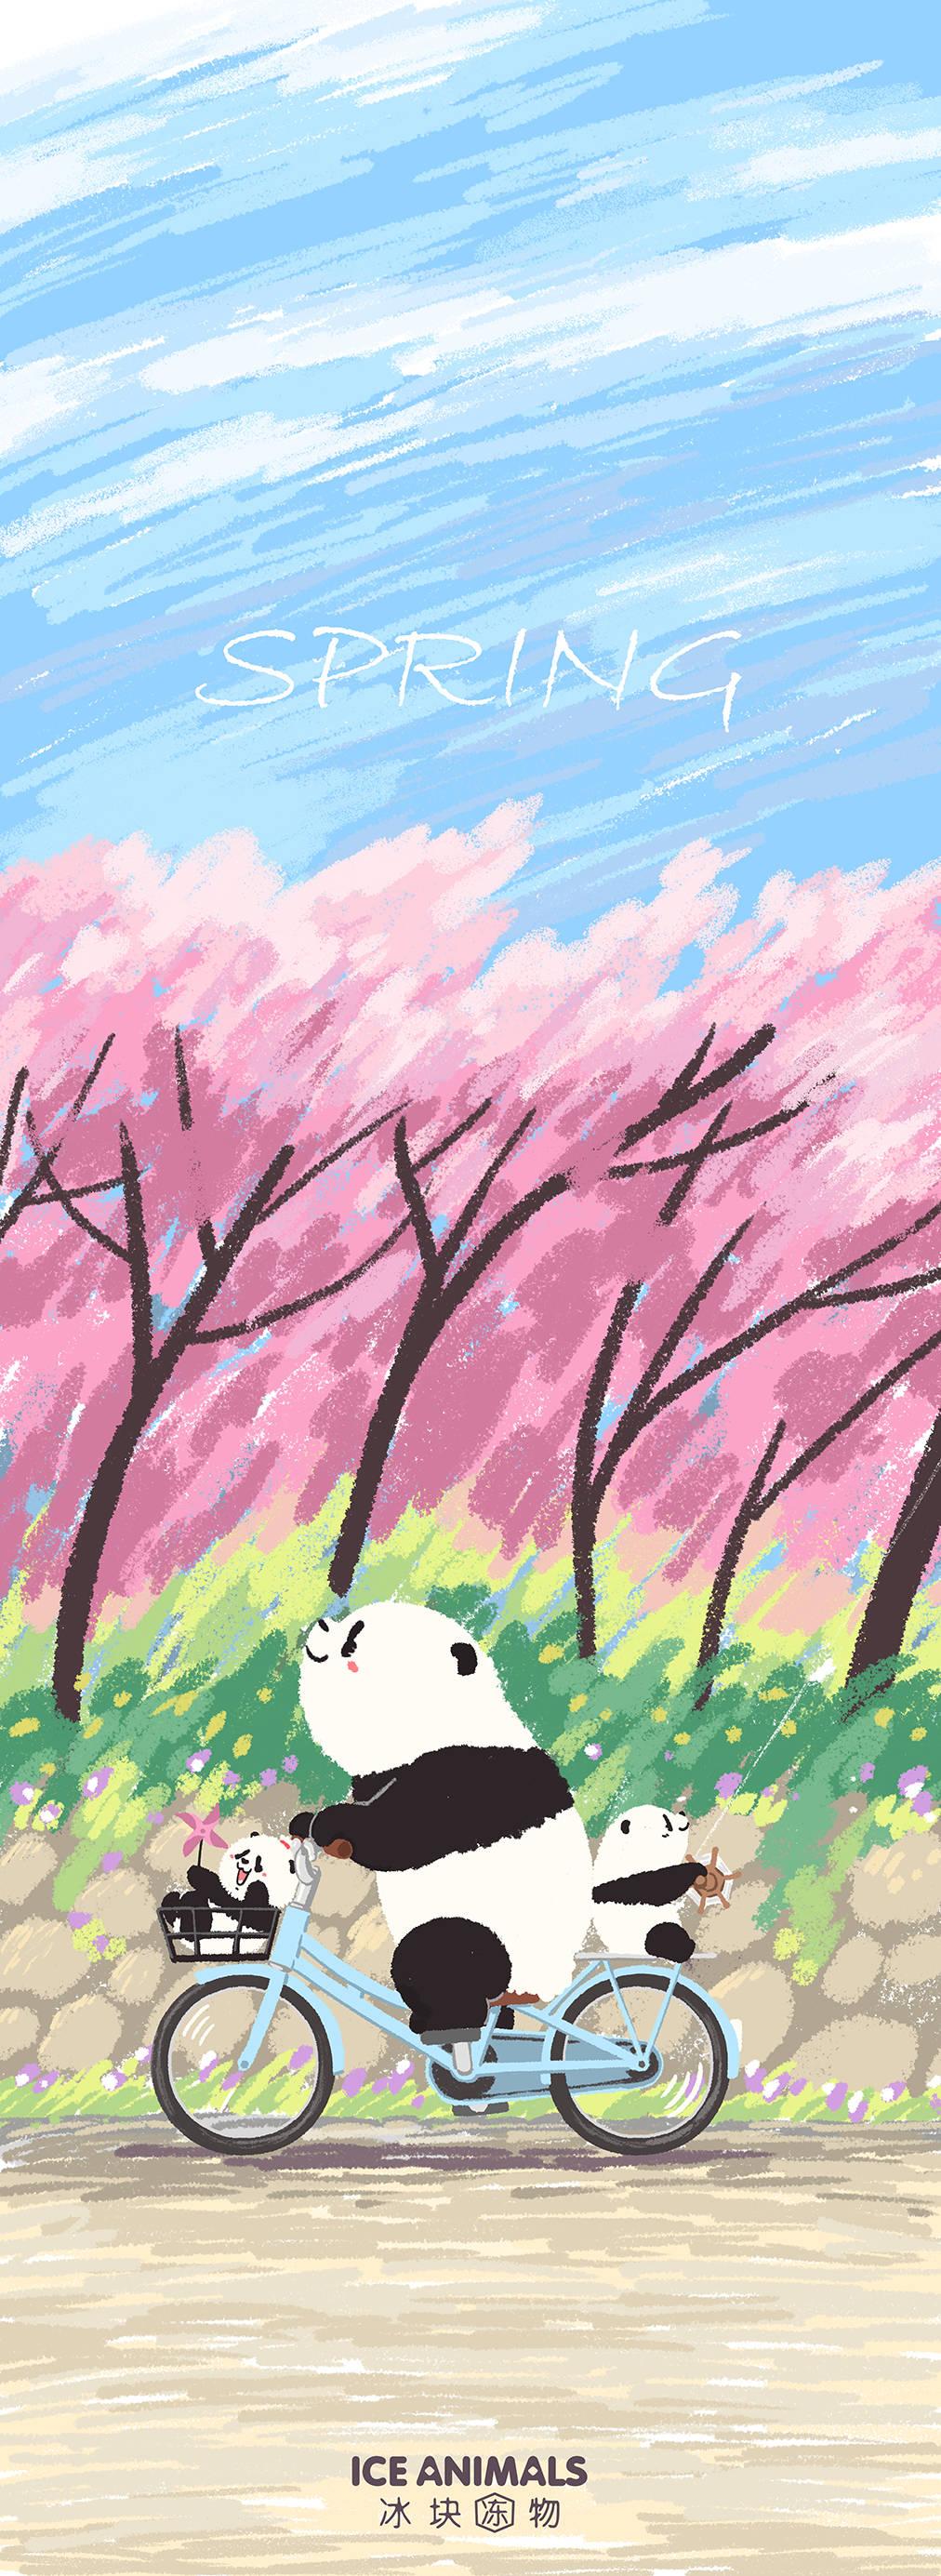 叮铃叮铃~麻烦让一让,春天来啦~